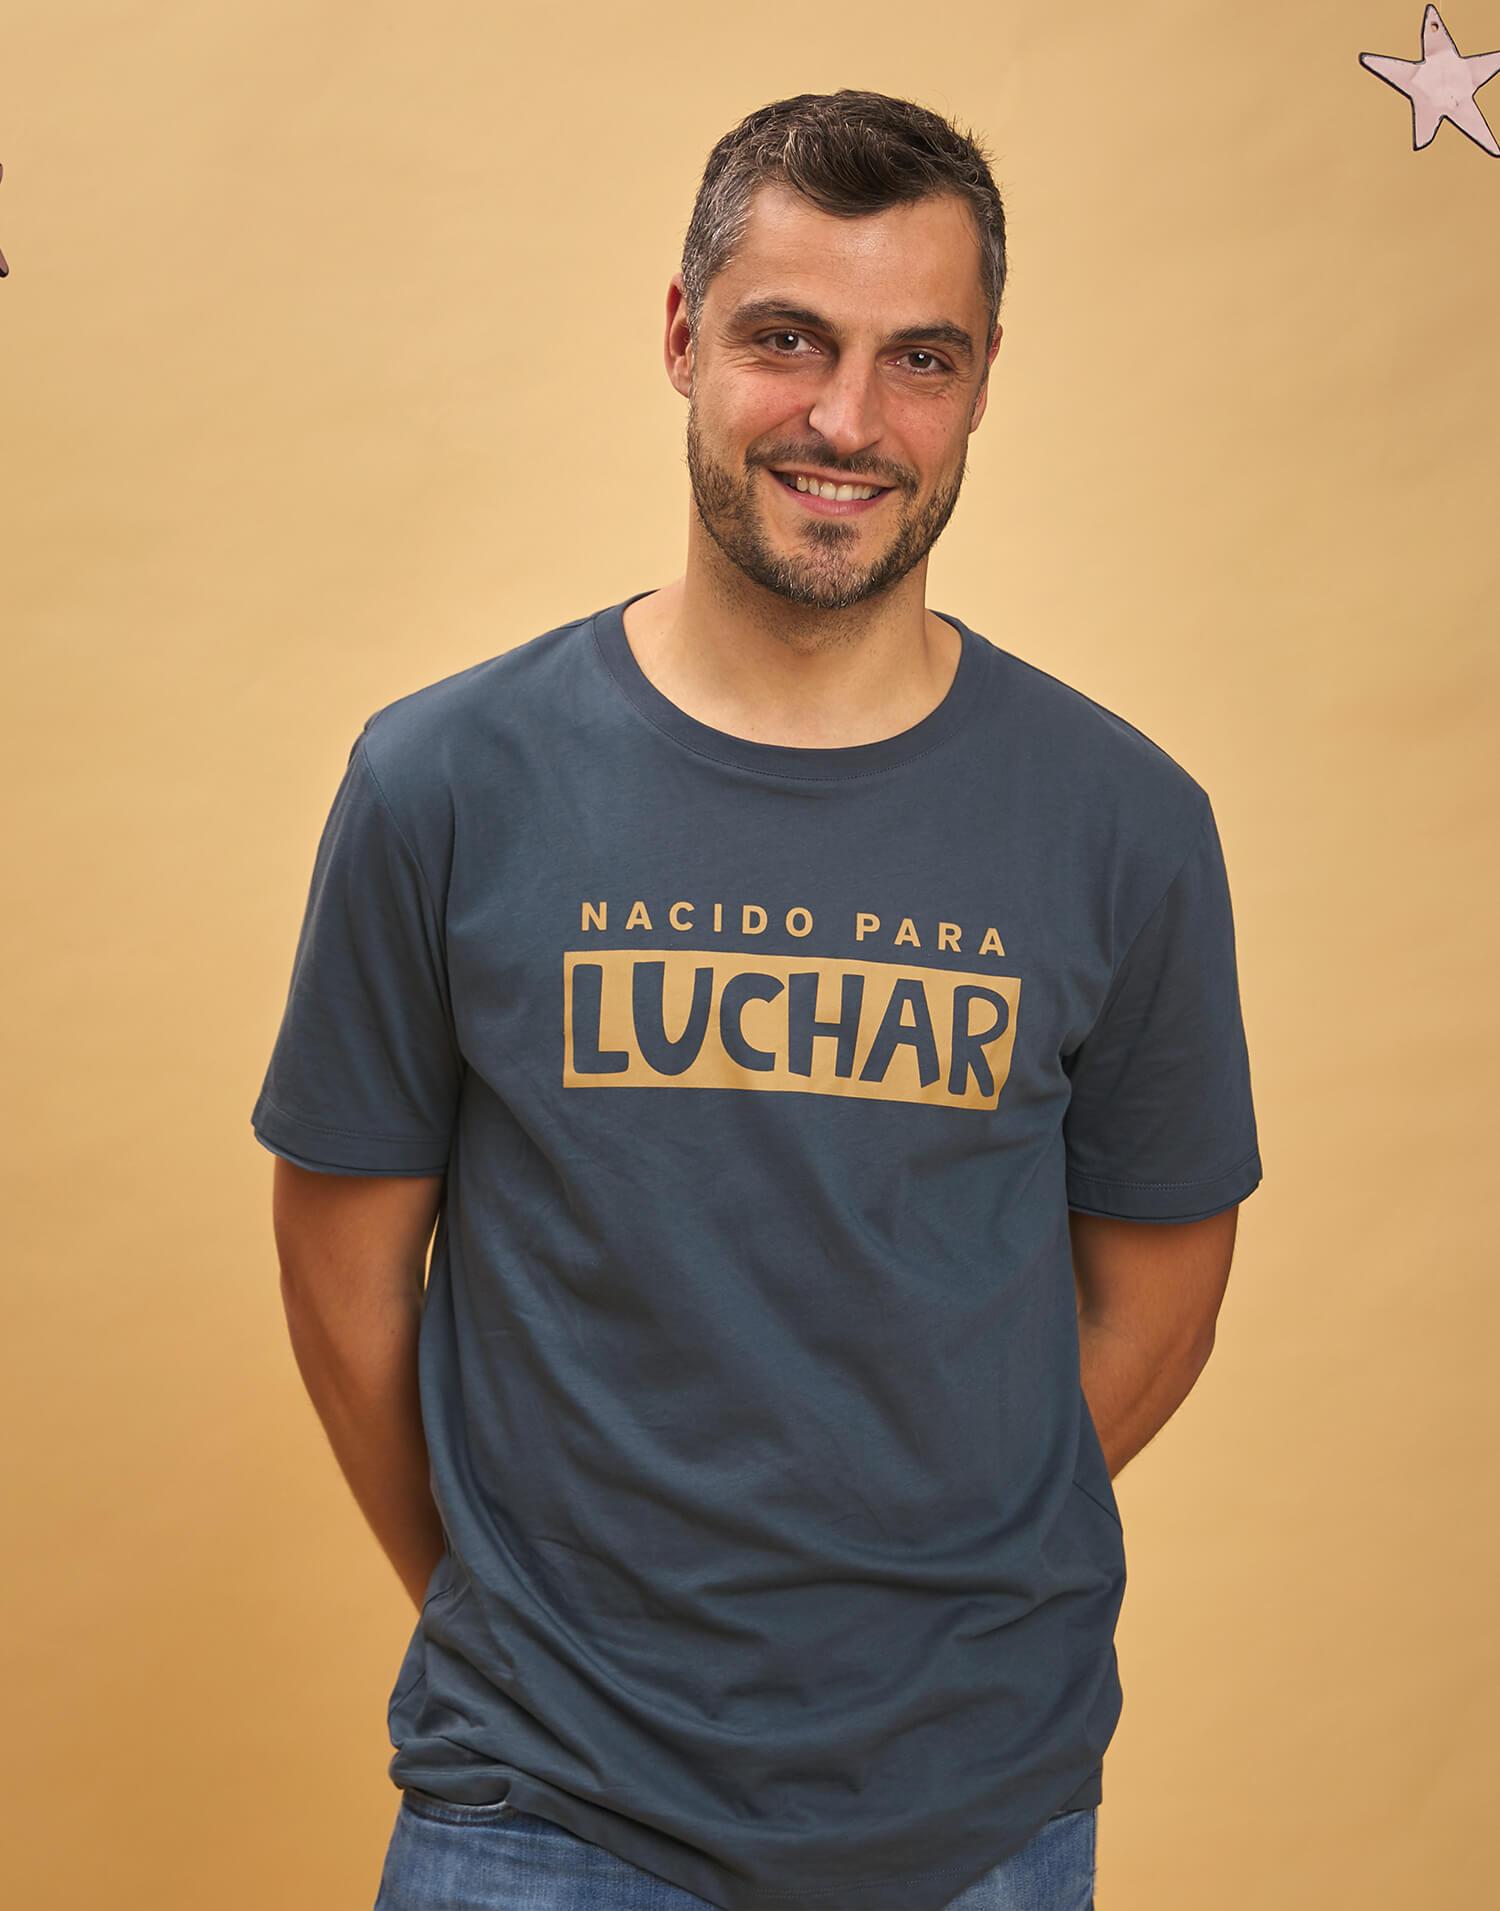 Camiseta de hombre 'Nacido para luchar'